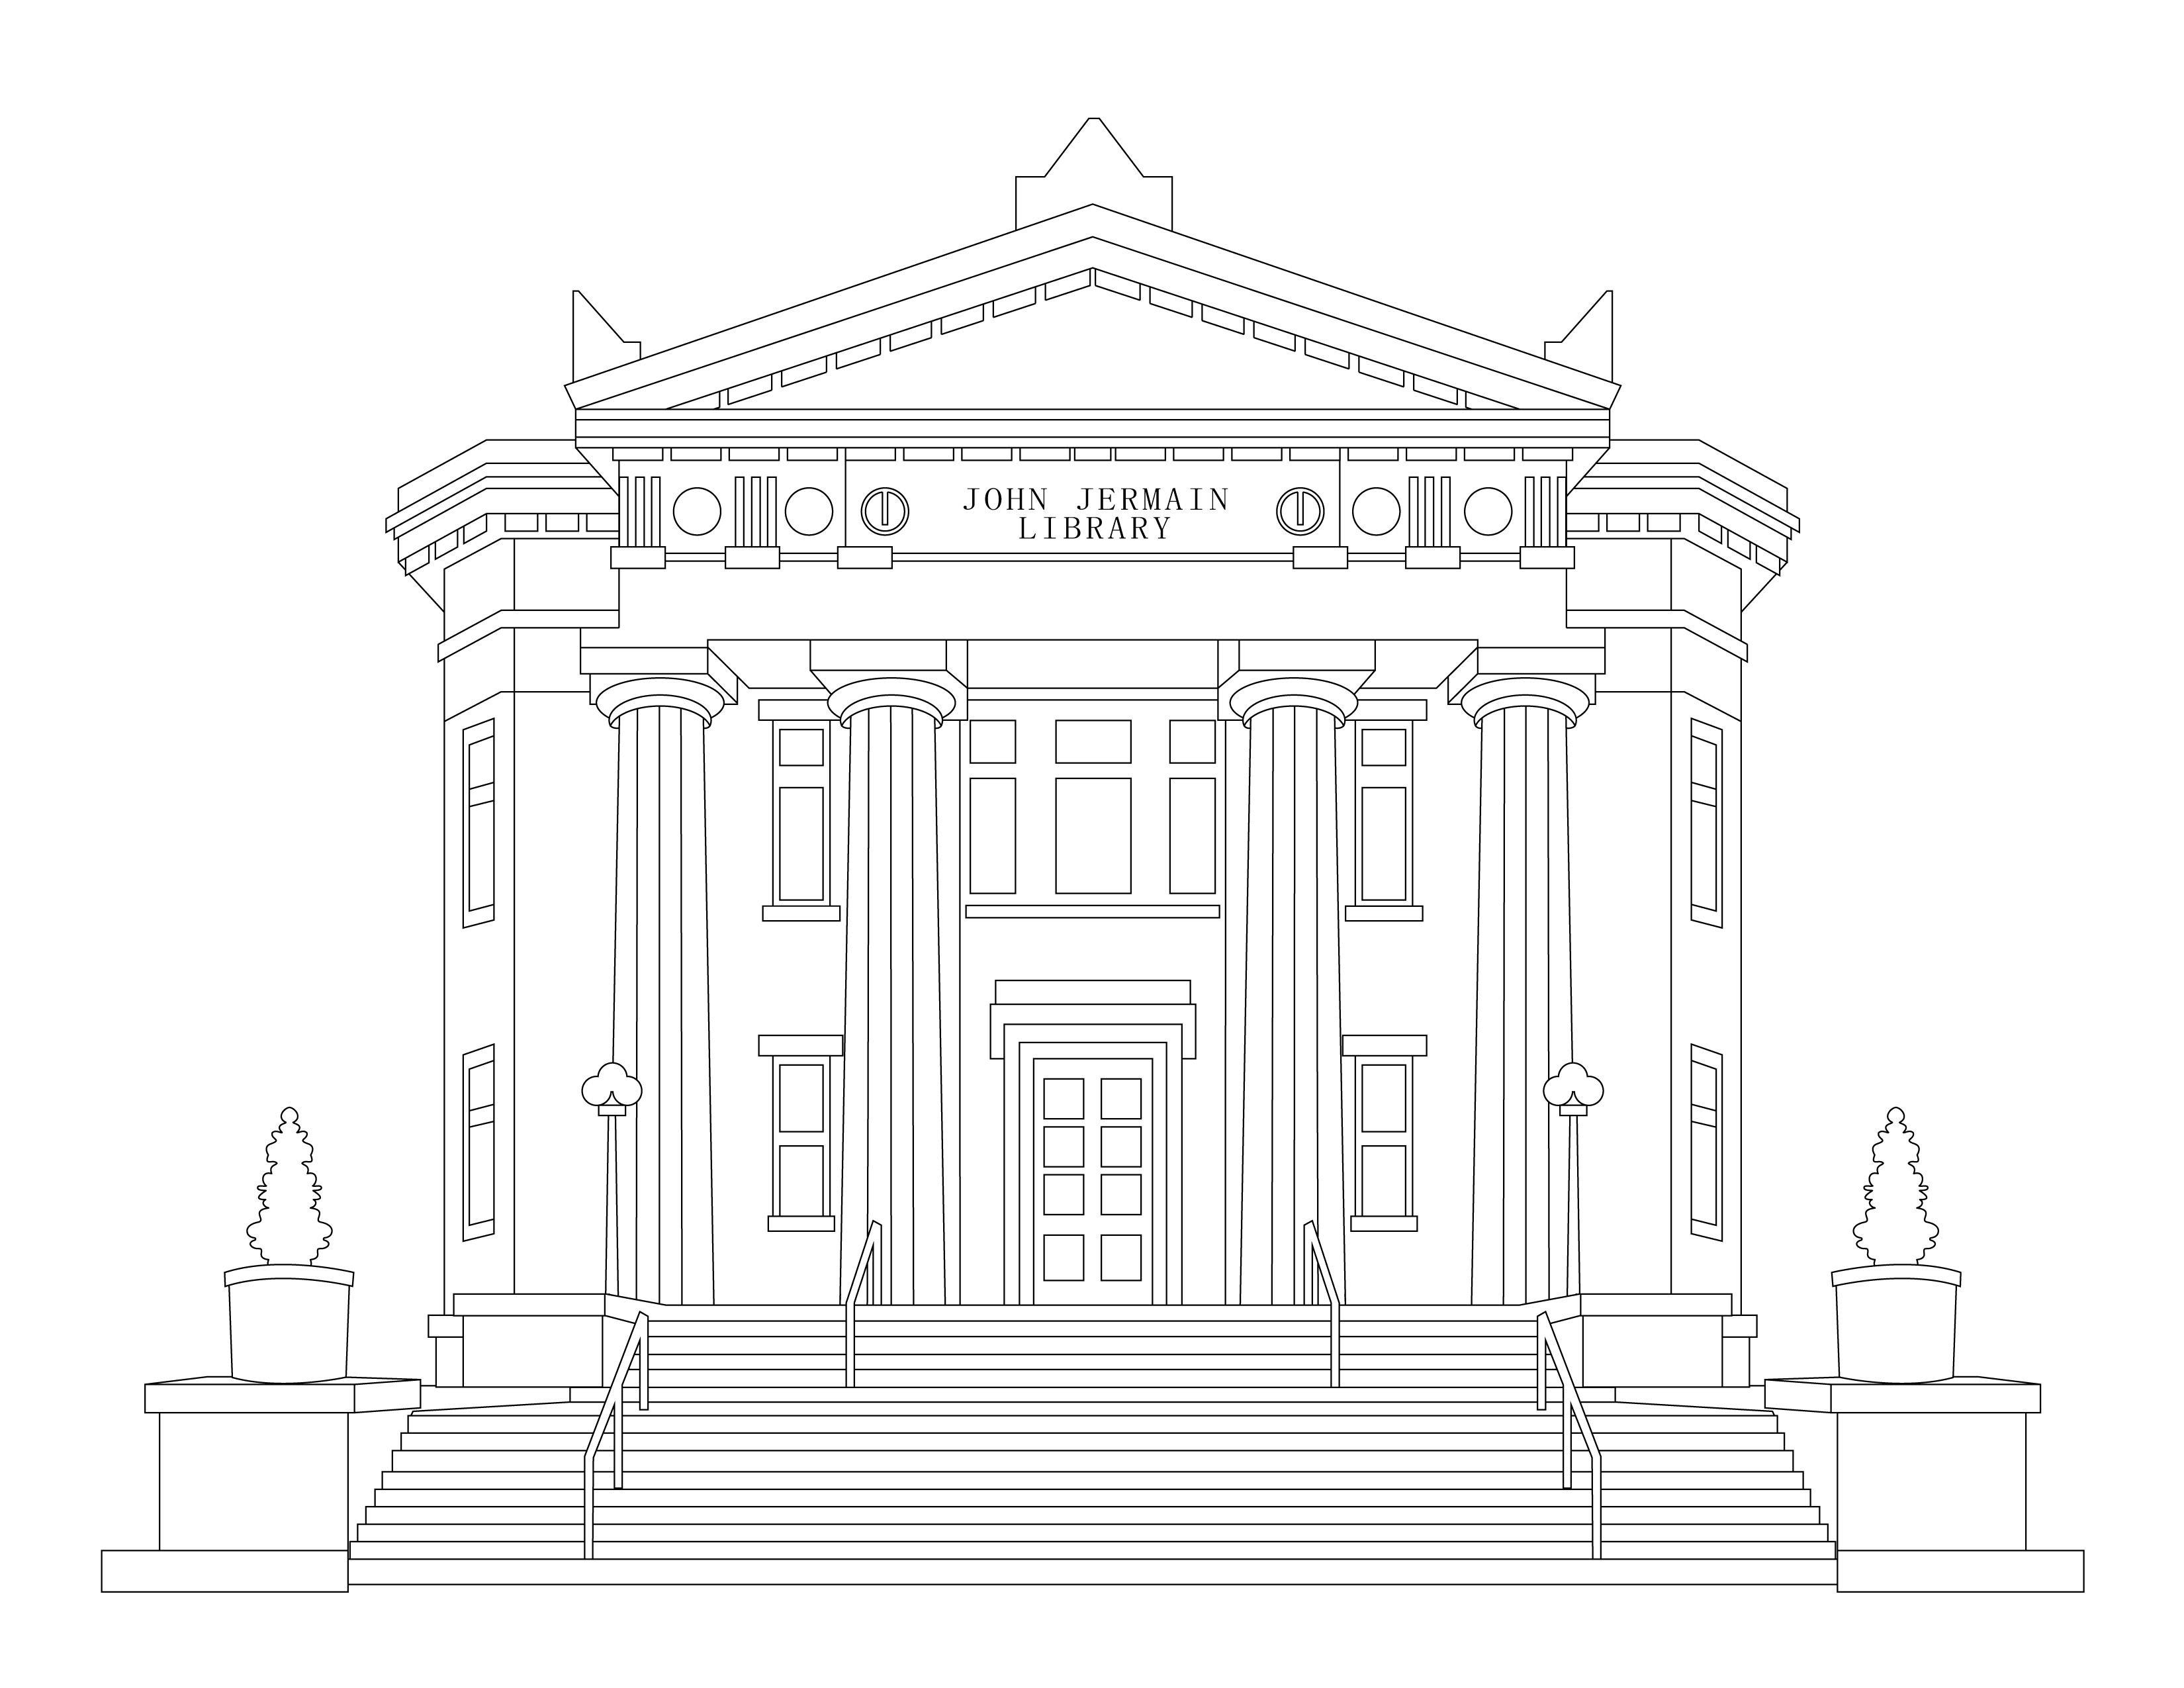 Jermain Library